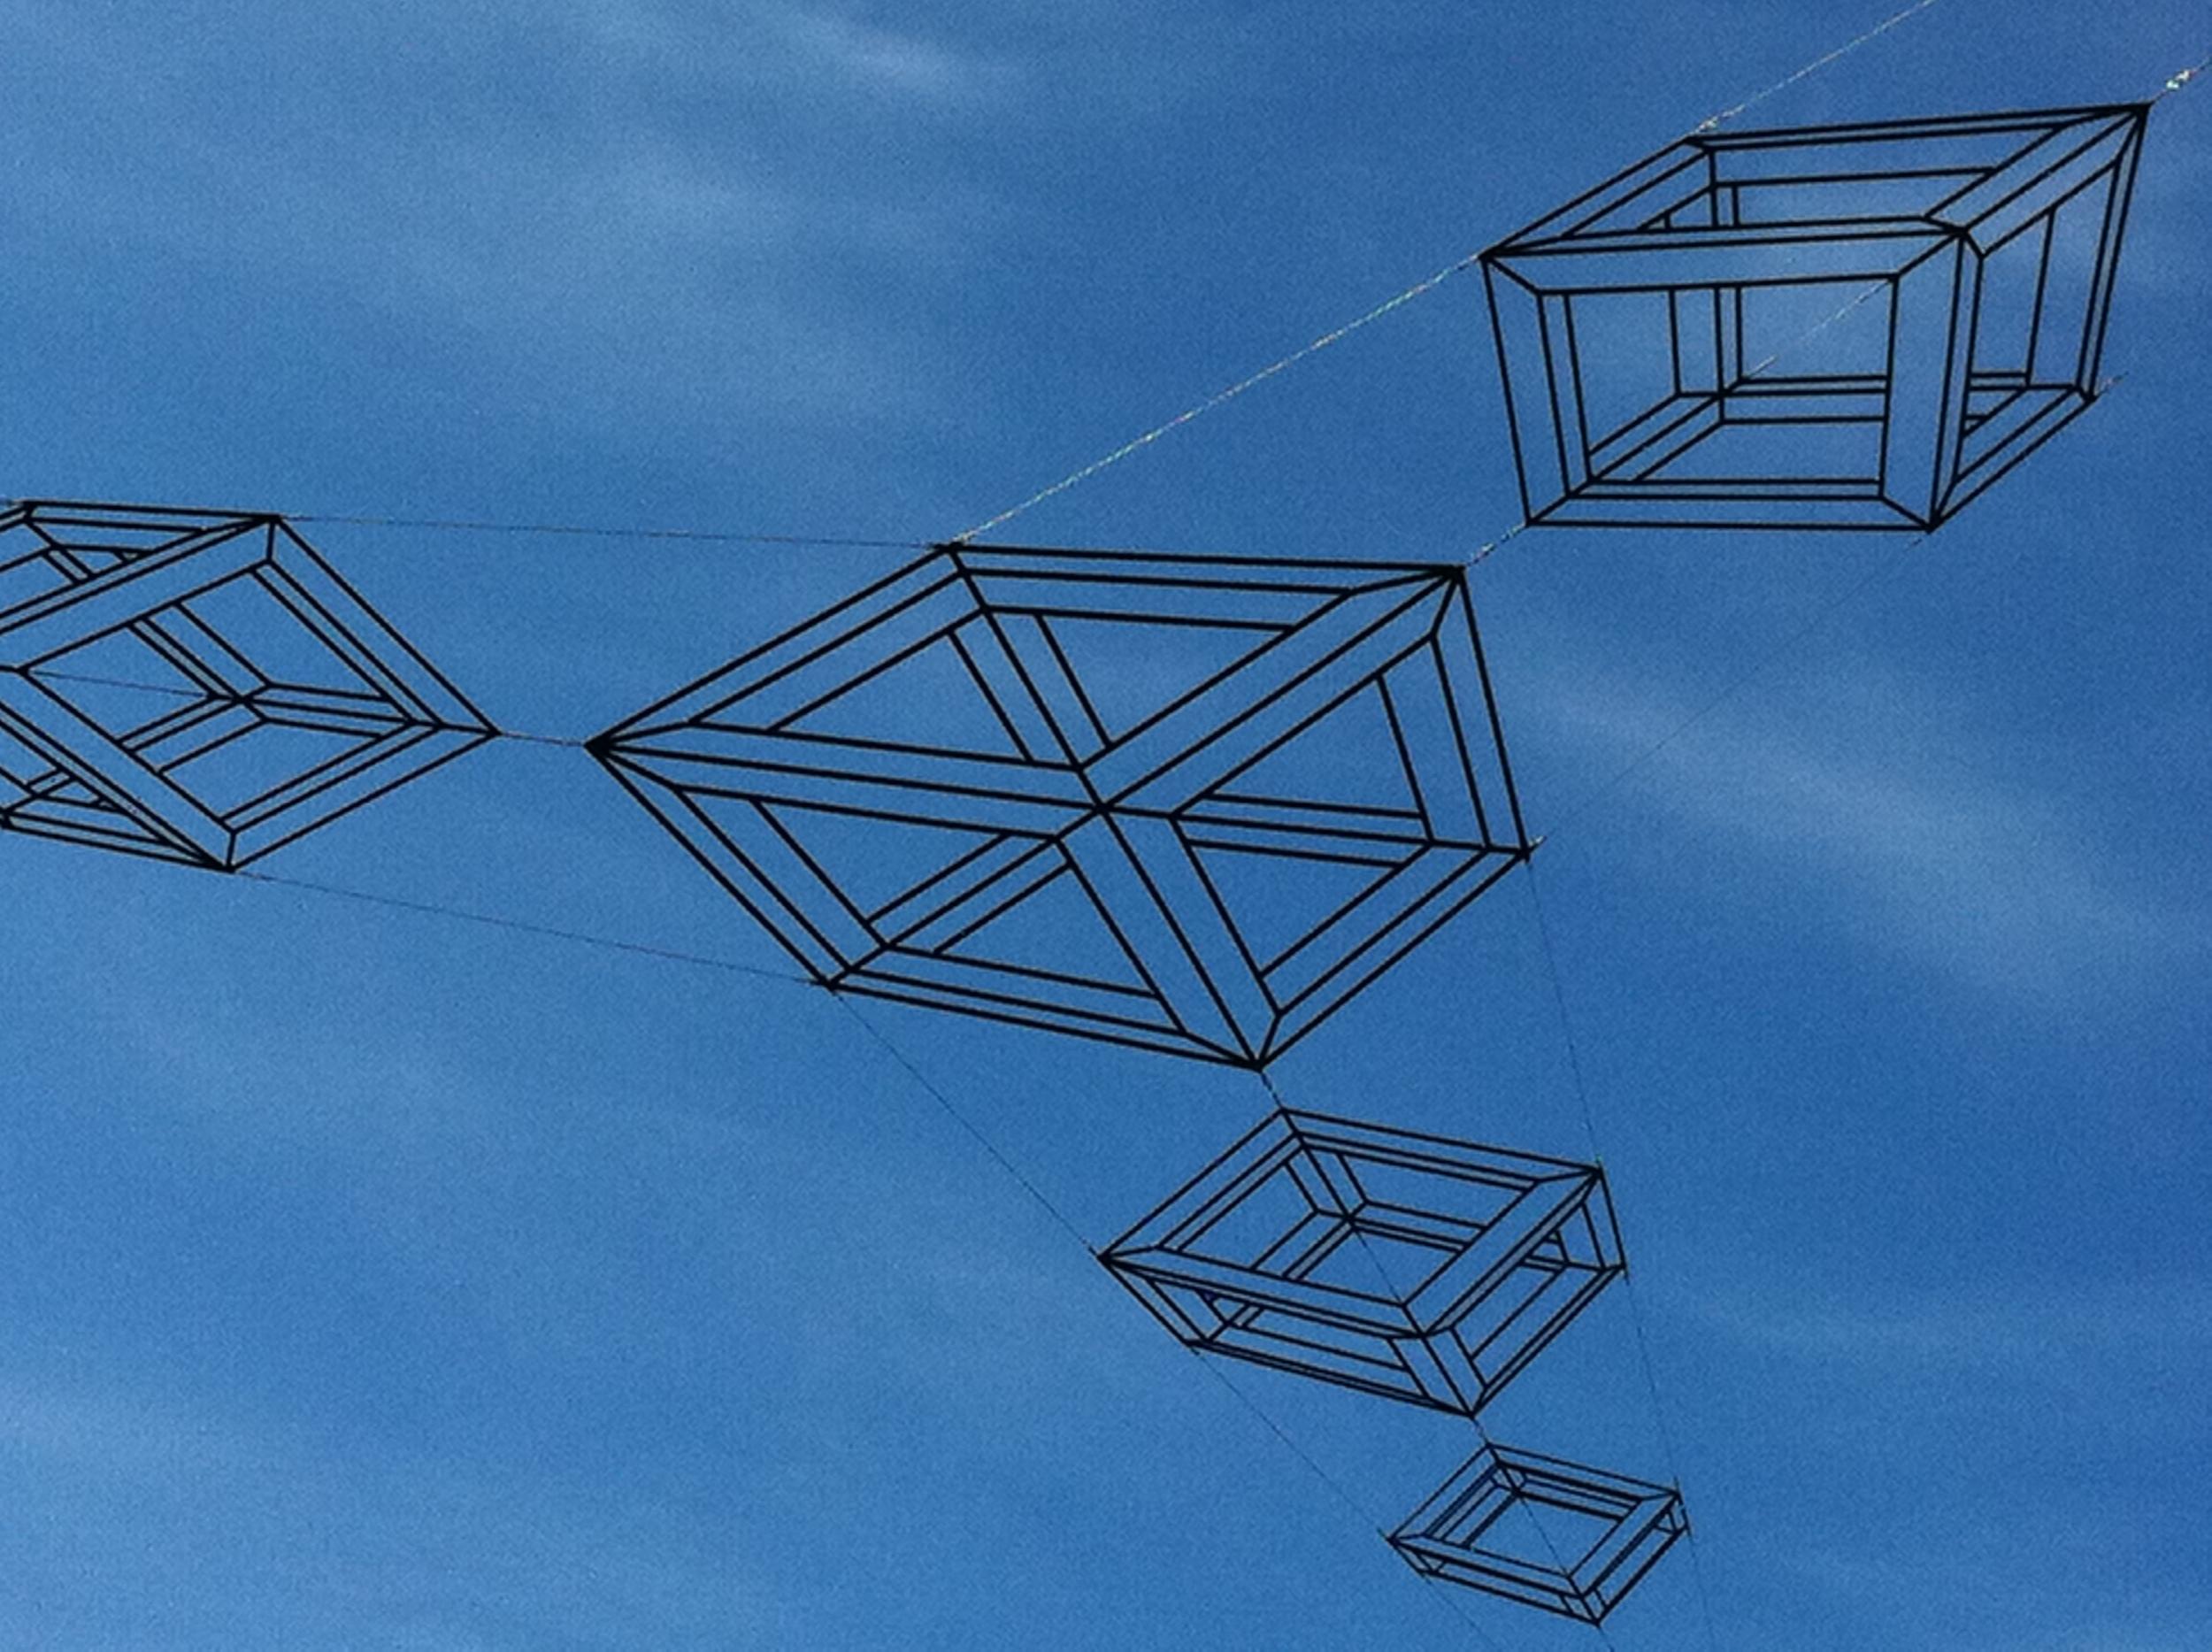 Cubes Sculpture, Cashel Street, Christchurch